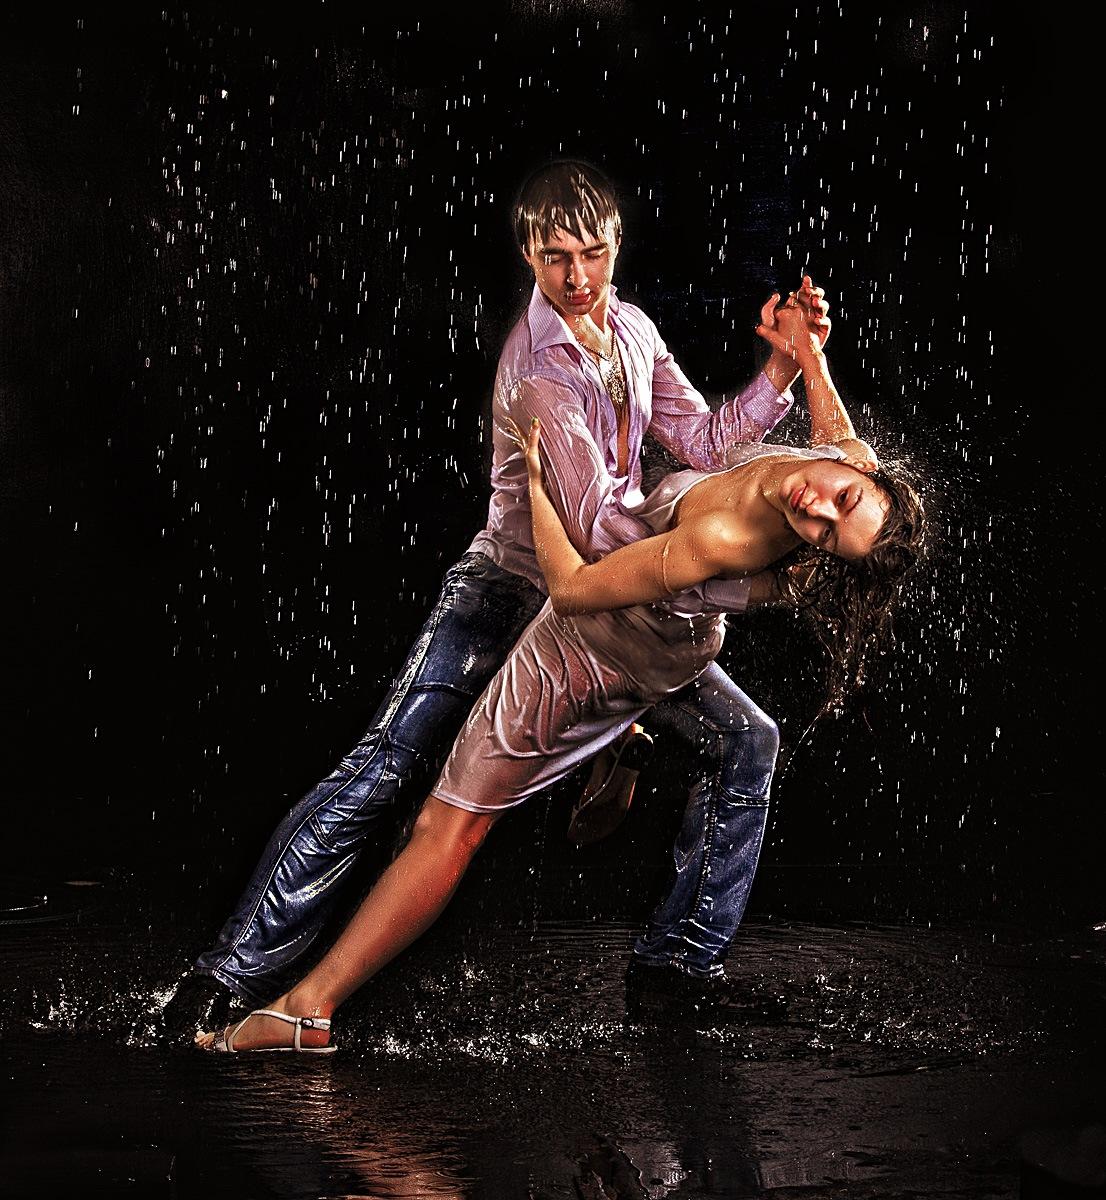 фотостудия Красноярск фотосессия фотограф студия аквазона вода съемка красивая девушка эротика танец